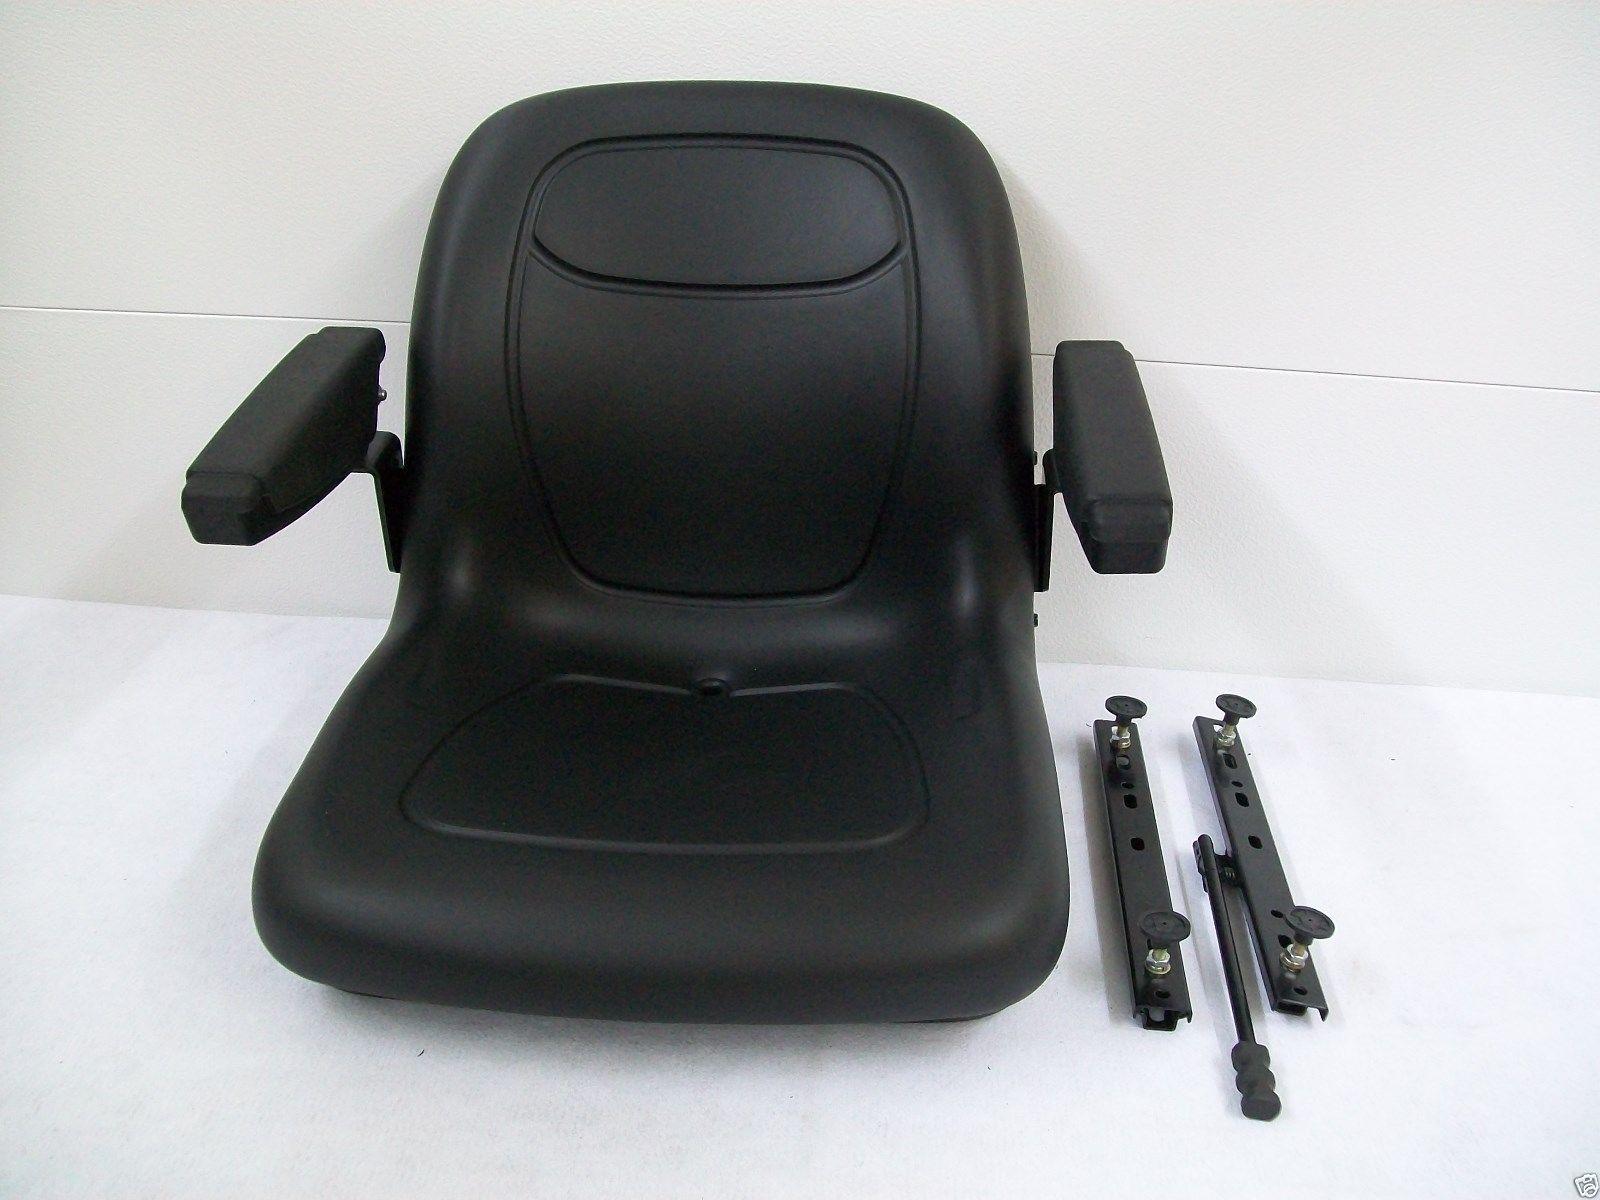 Hustler mower seat